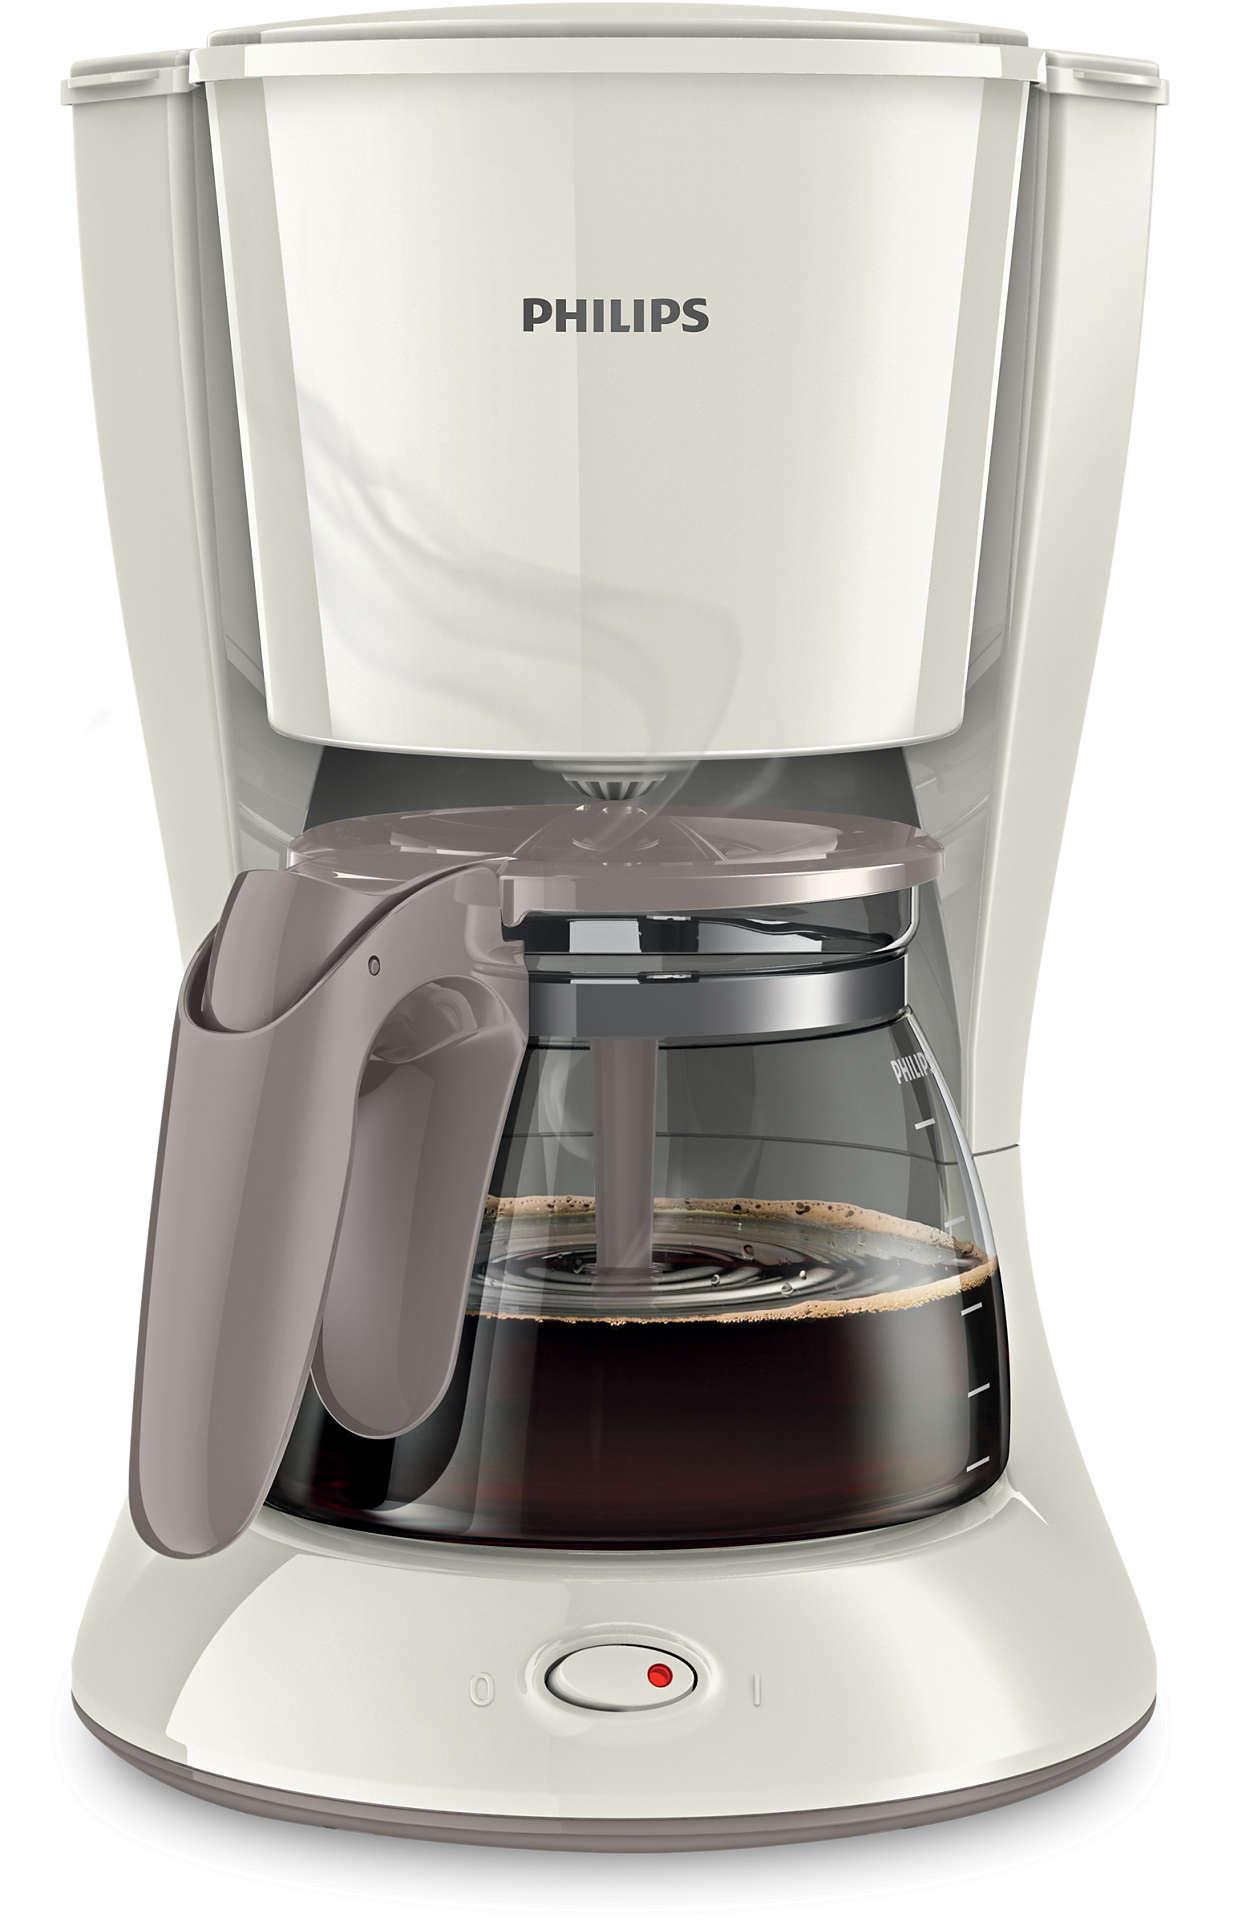 قهوة لذيذة ببساطة